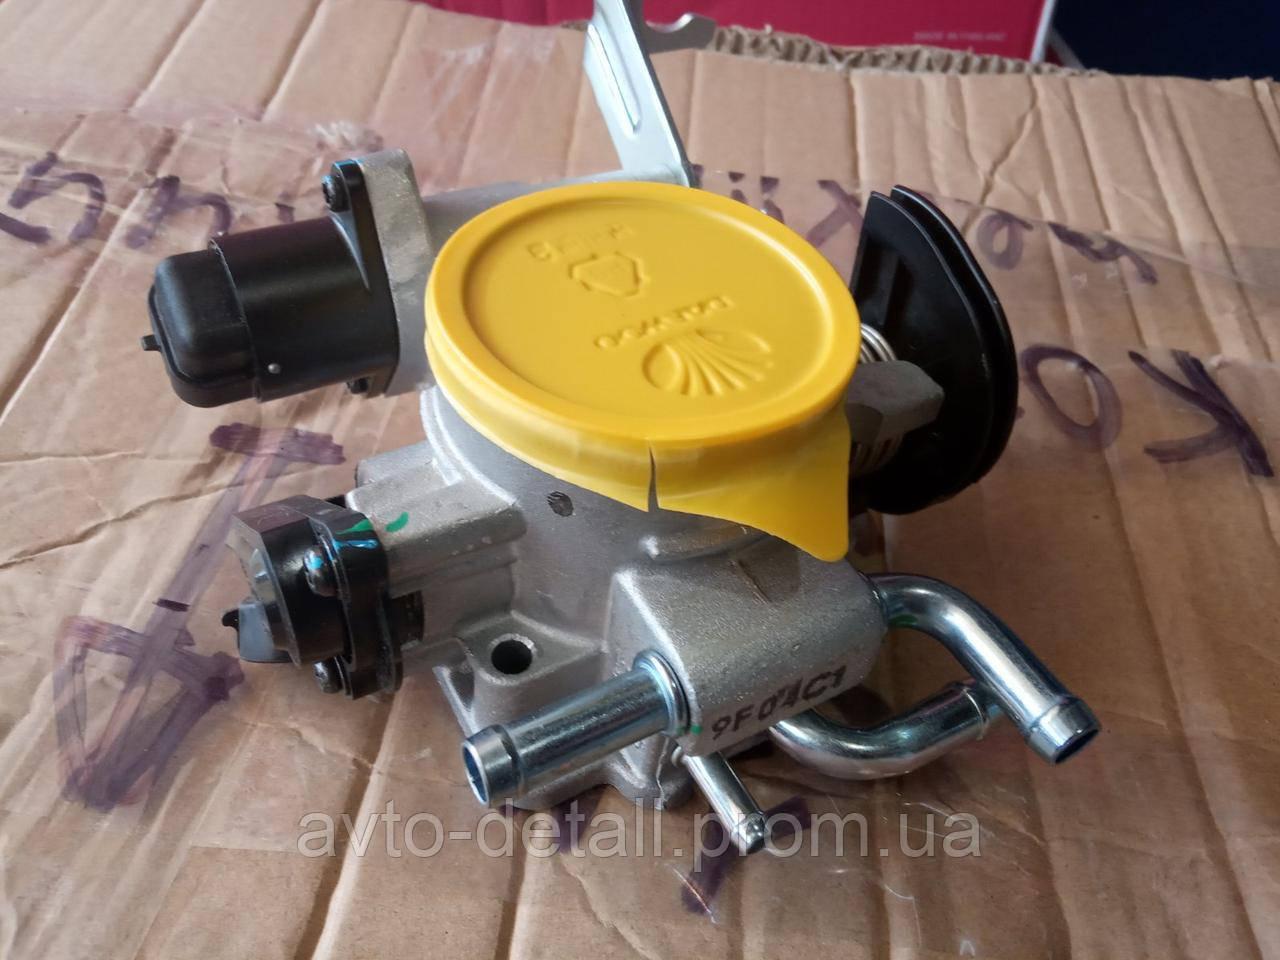 Корпус дроссельной заслонки Лачети 1,8 LDA  Lacetti 1.8 LDA GM 96815500